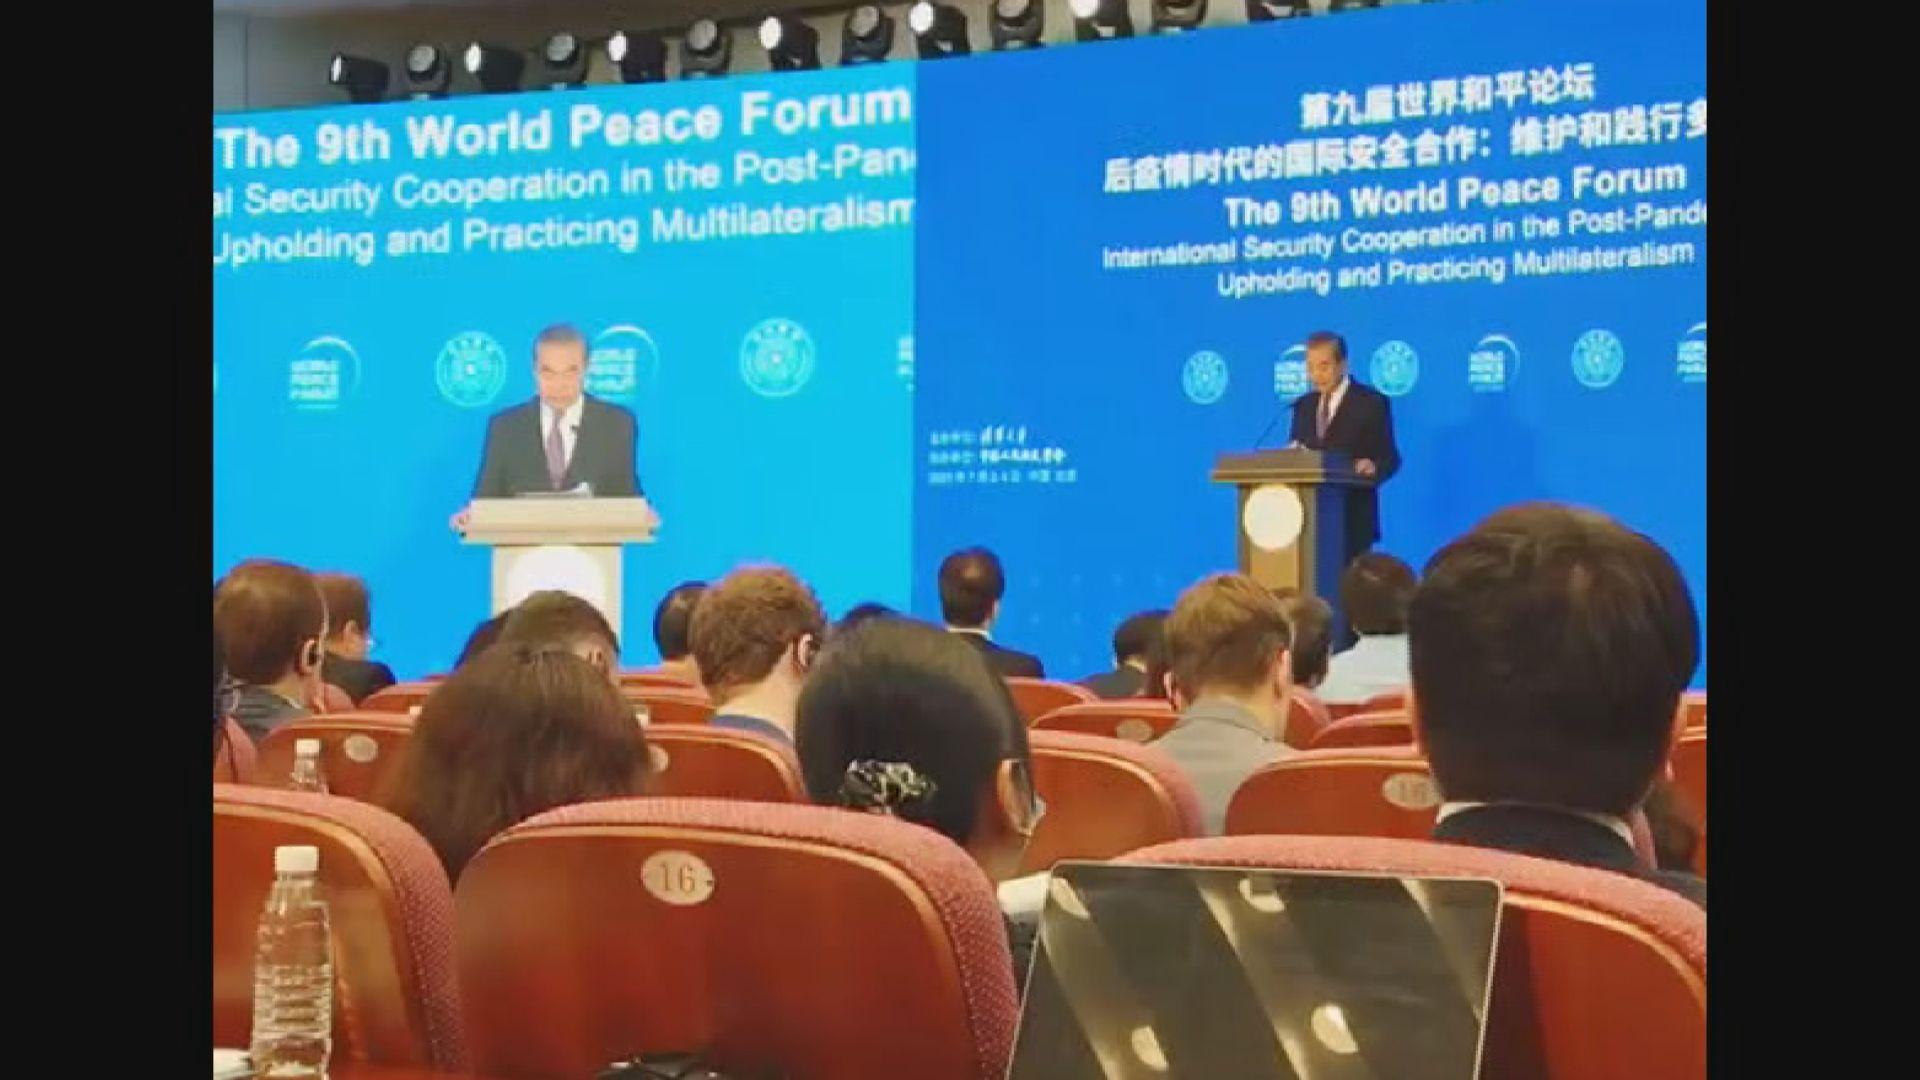 王毅:維護踐行多邊主義為解決世界各問題正確方向